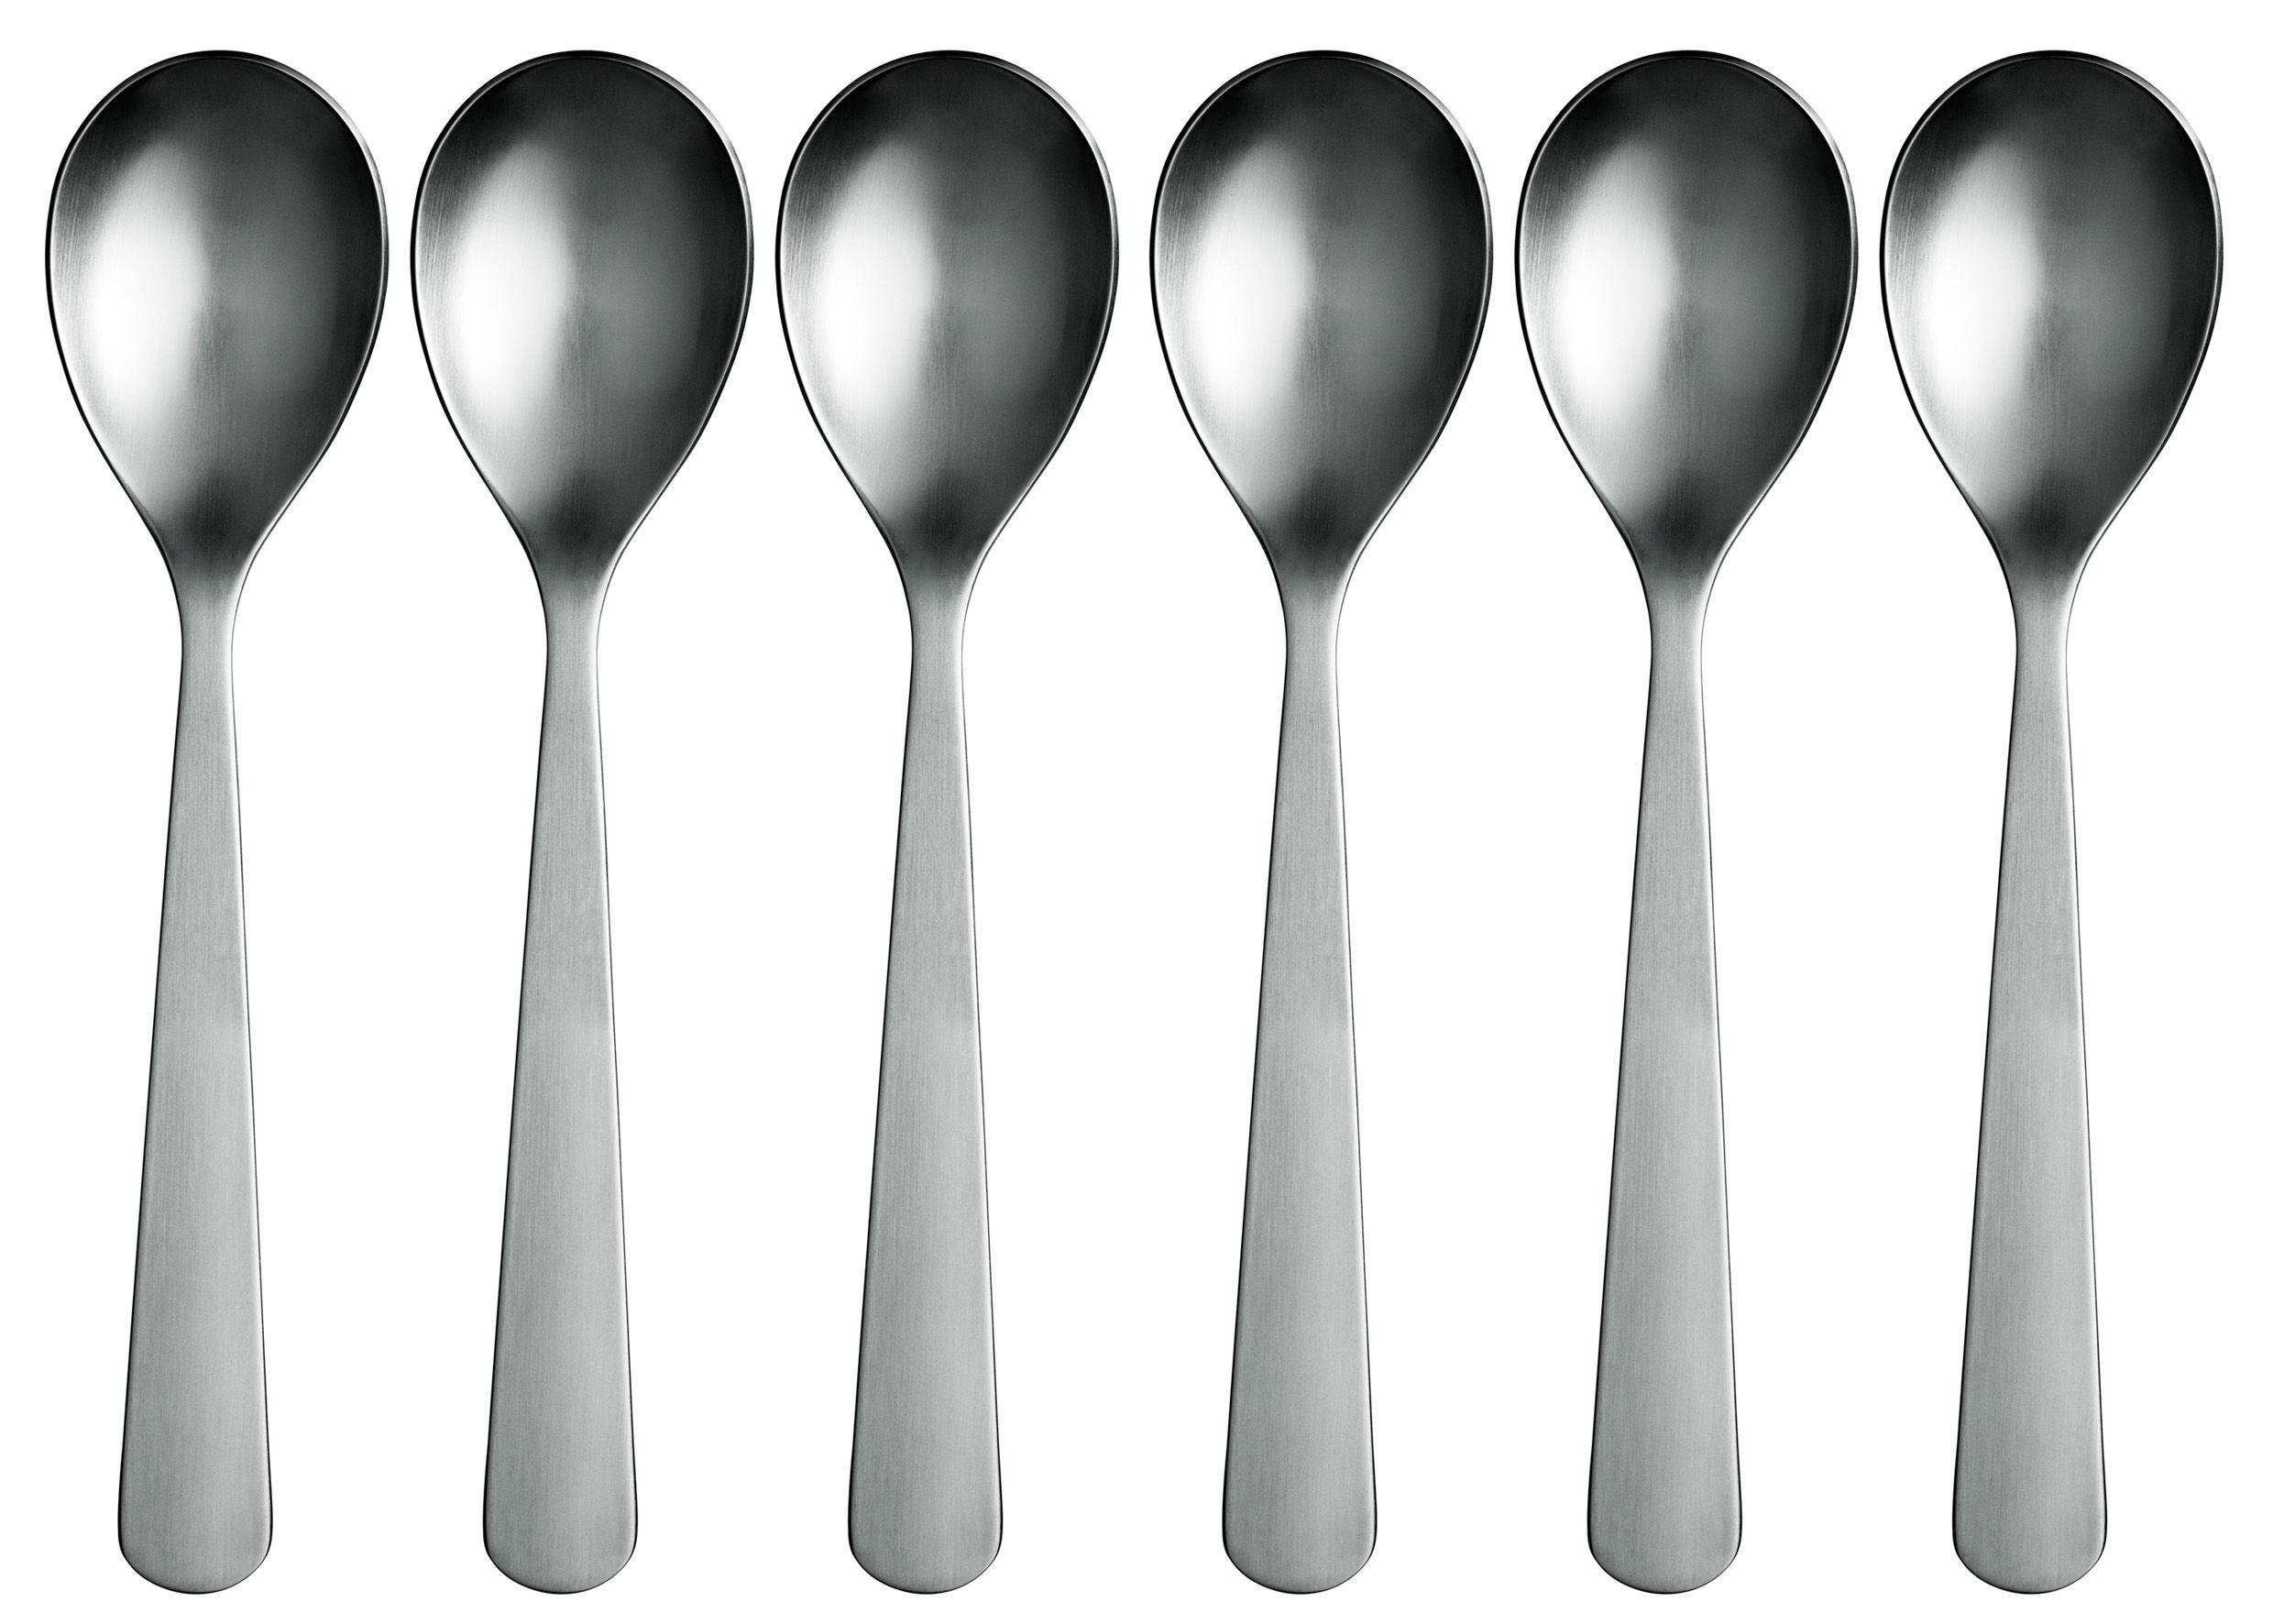 Tableware - Cutlery - Normann Soup spoon - Set of 6 spoons by Normann Copenhagen - Mat steel - Steel